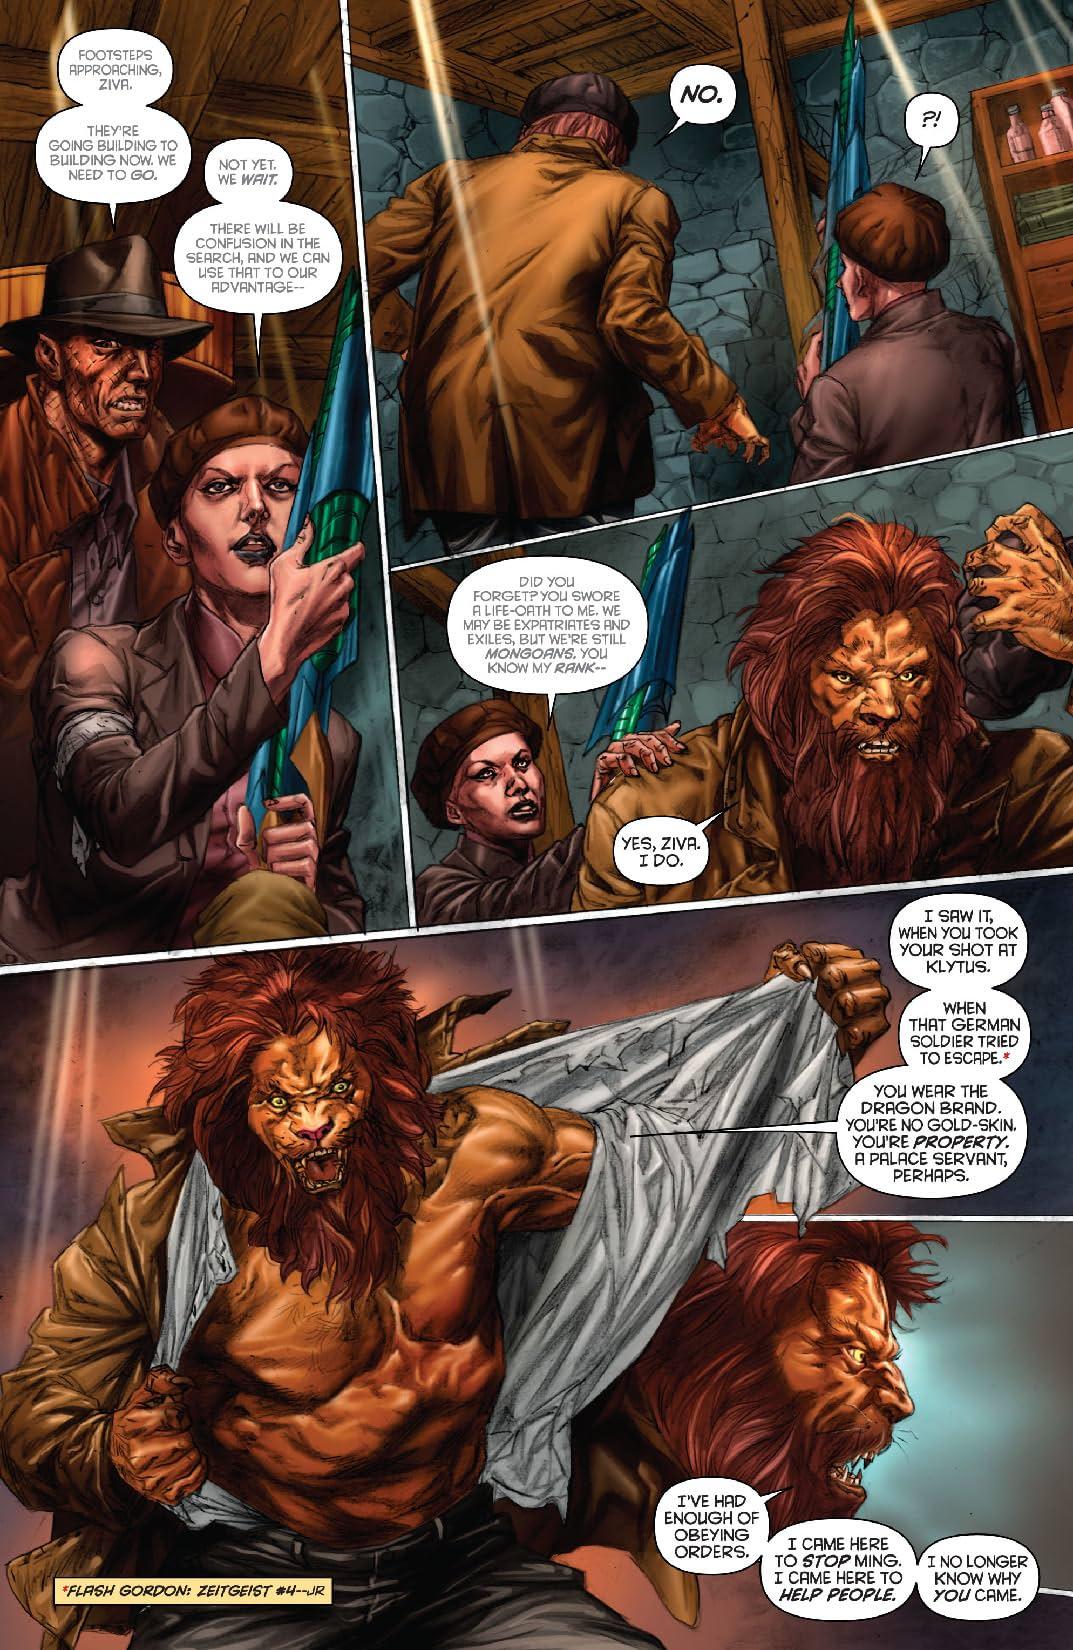 Flash Gordon: Zeitgeist #5